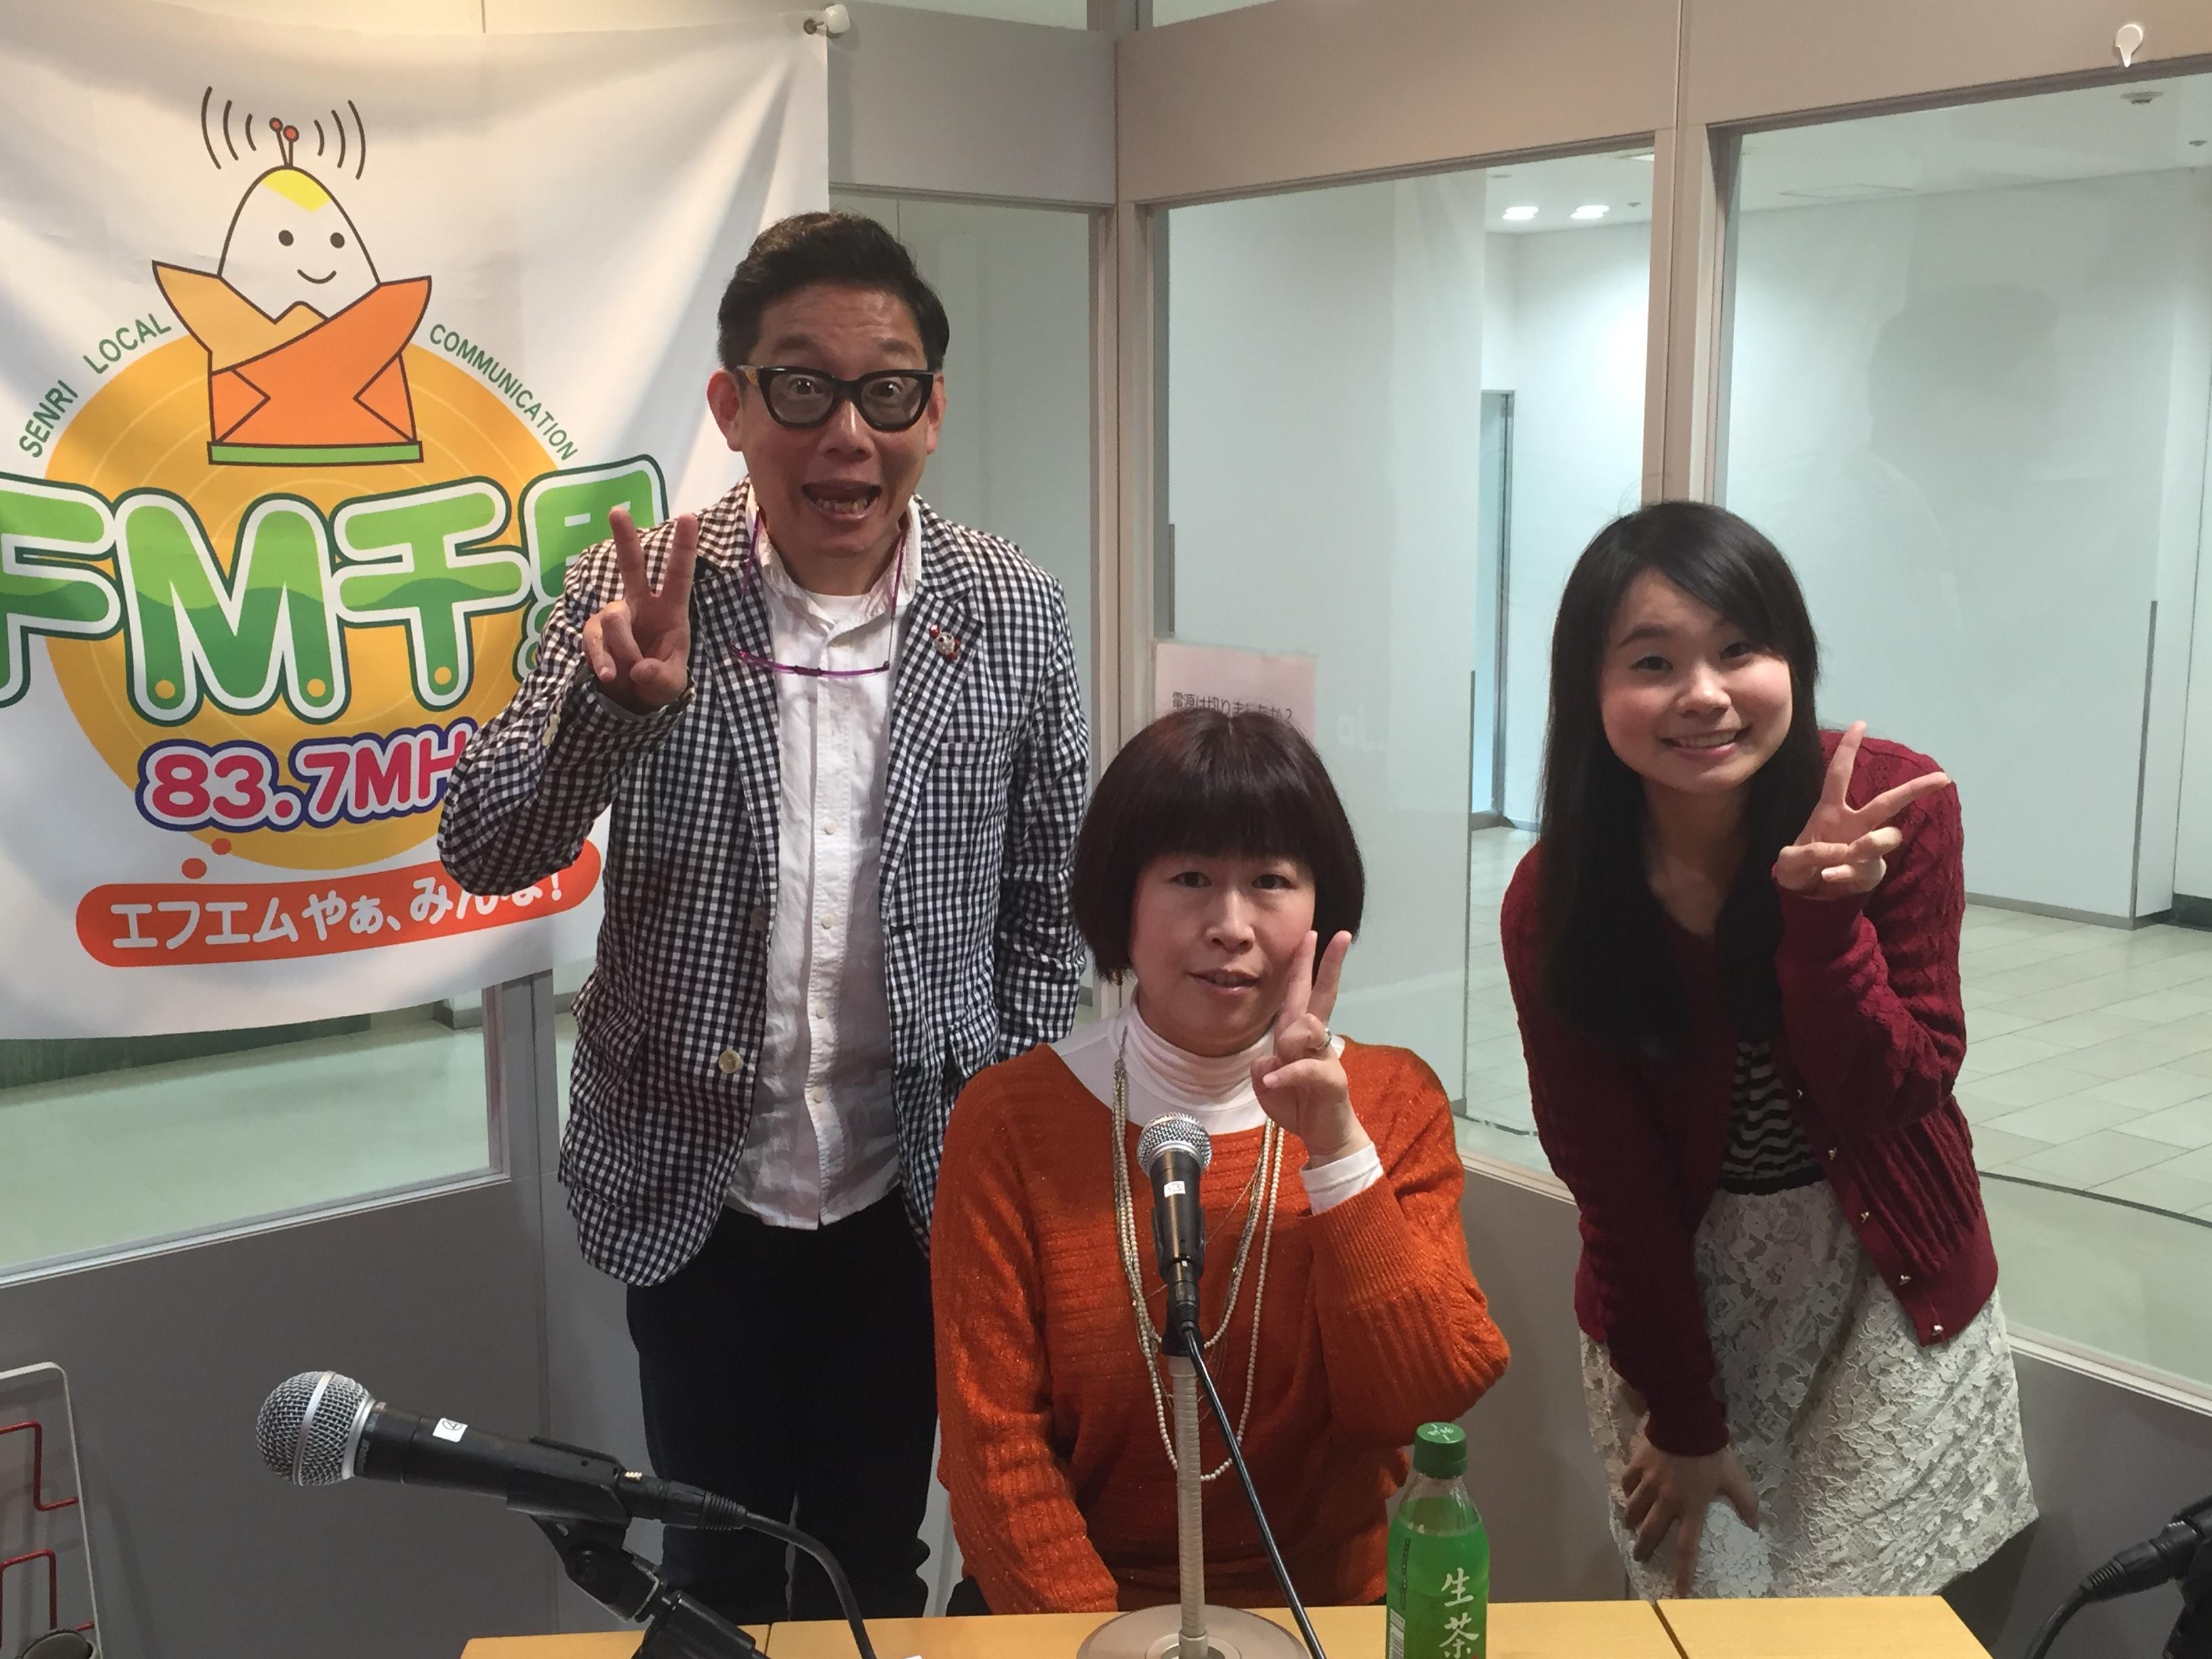 ラジオの生放送に出演してきました!